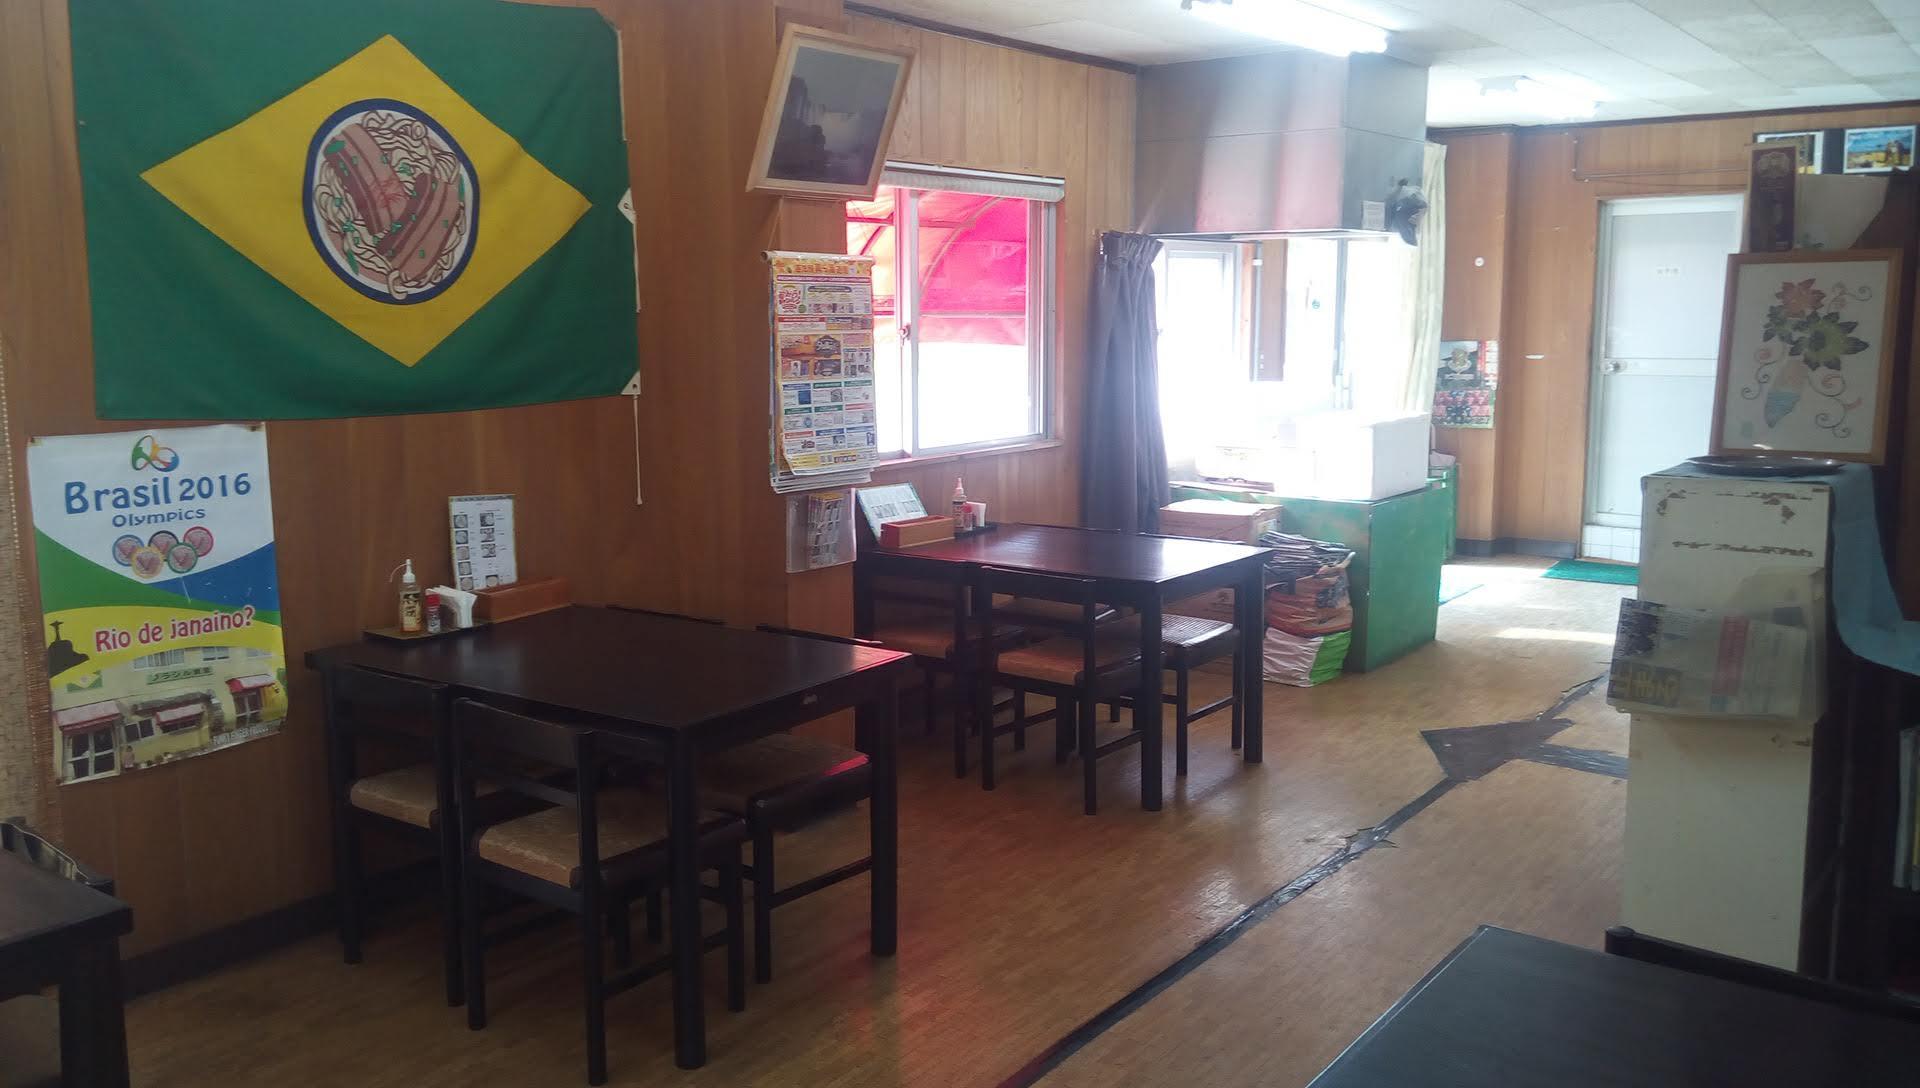 ブラジル食堂の店内写真 2